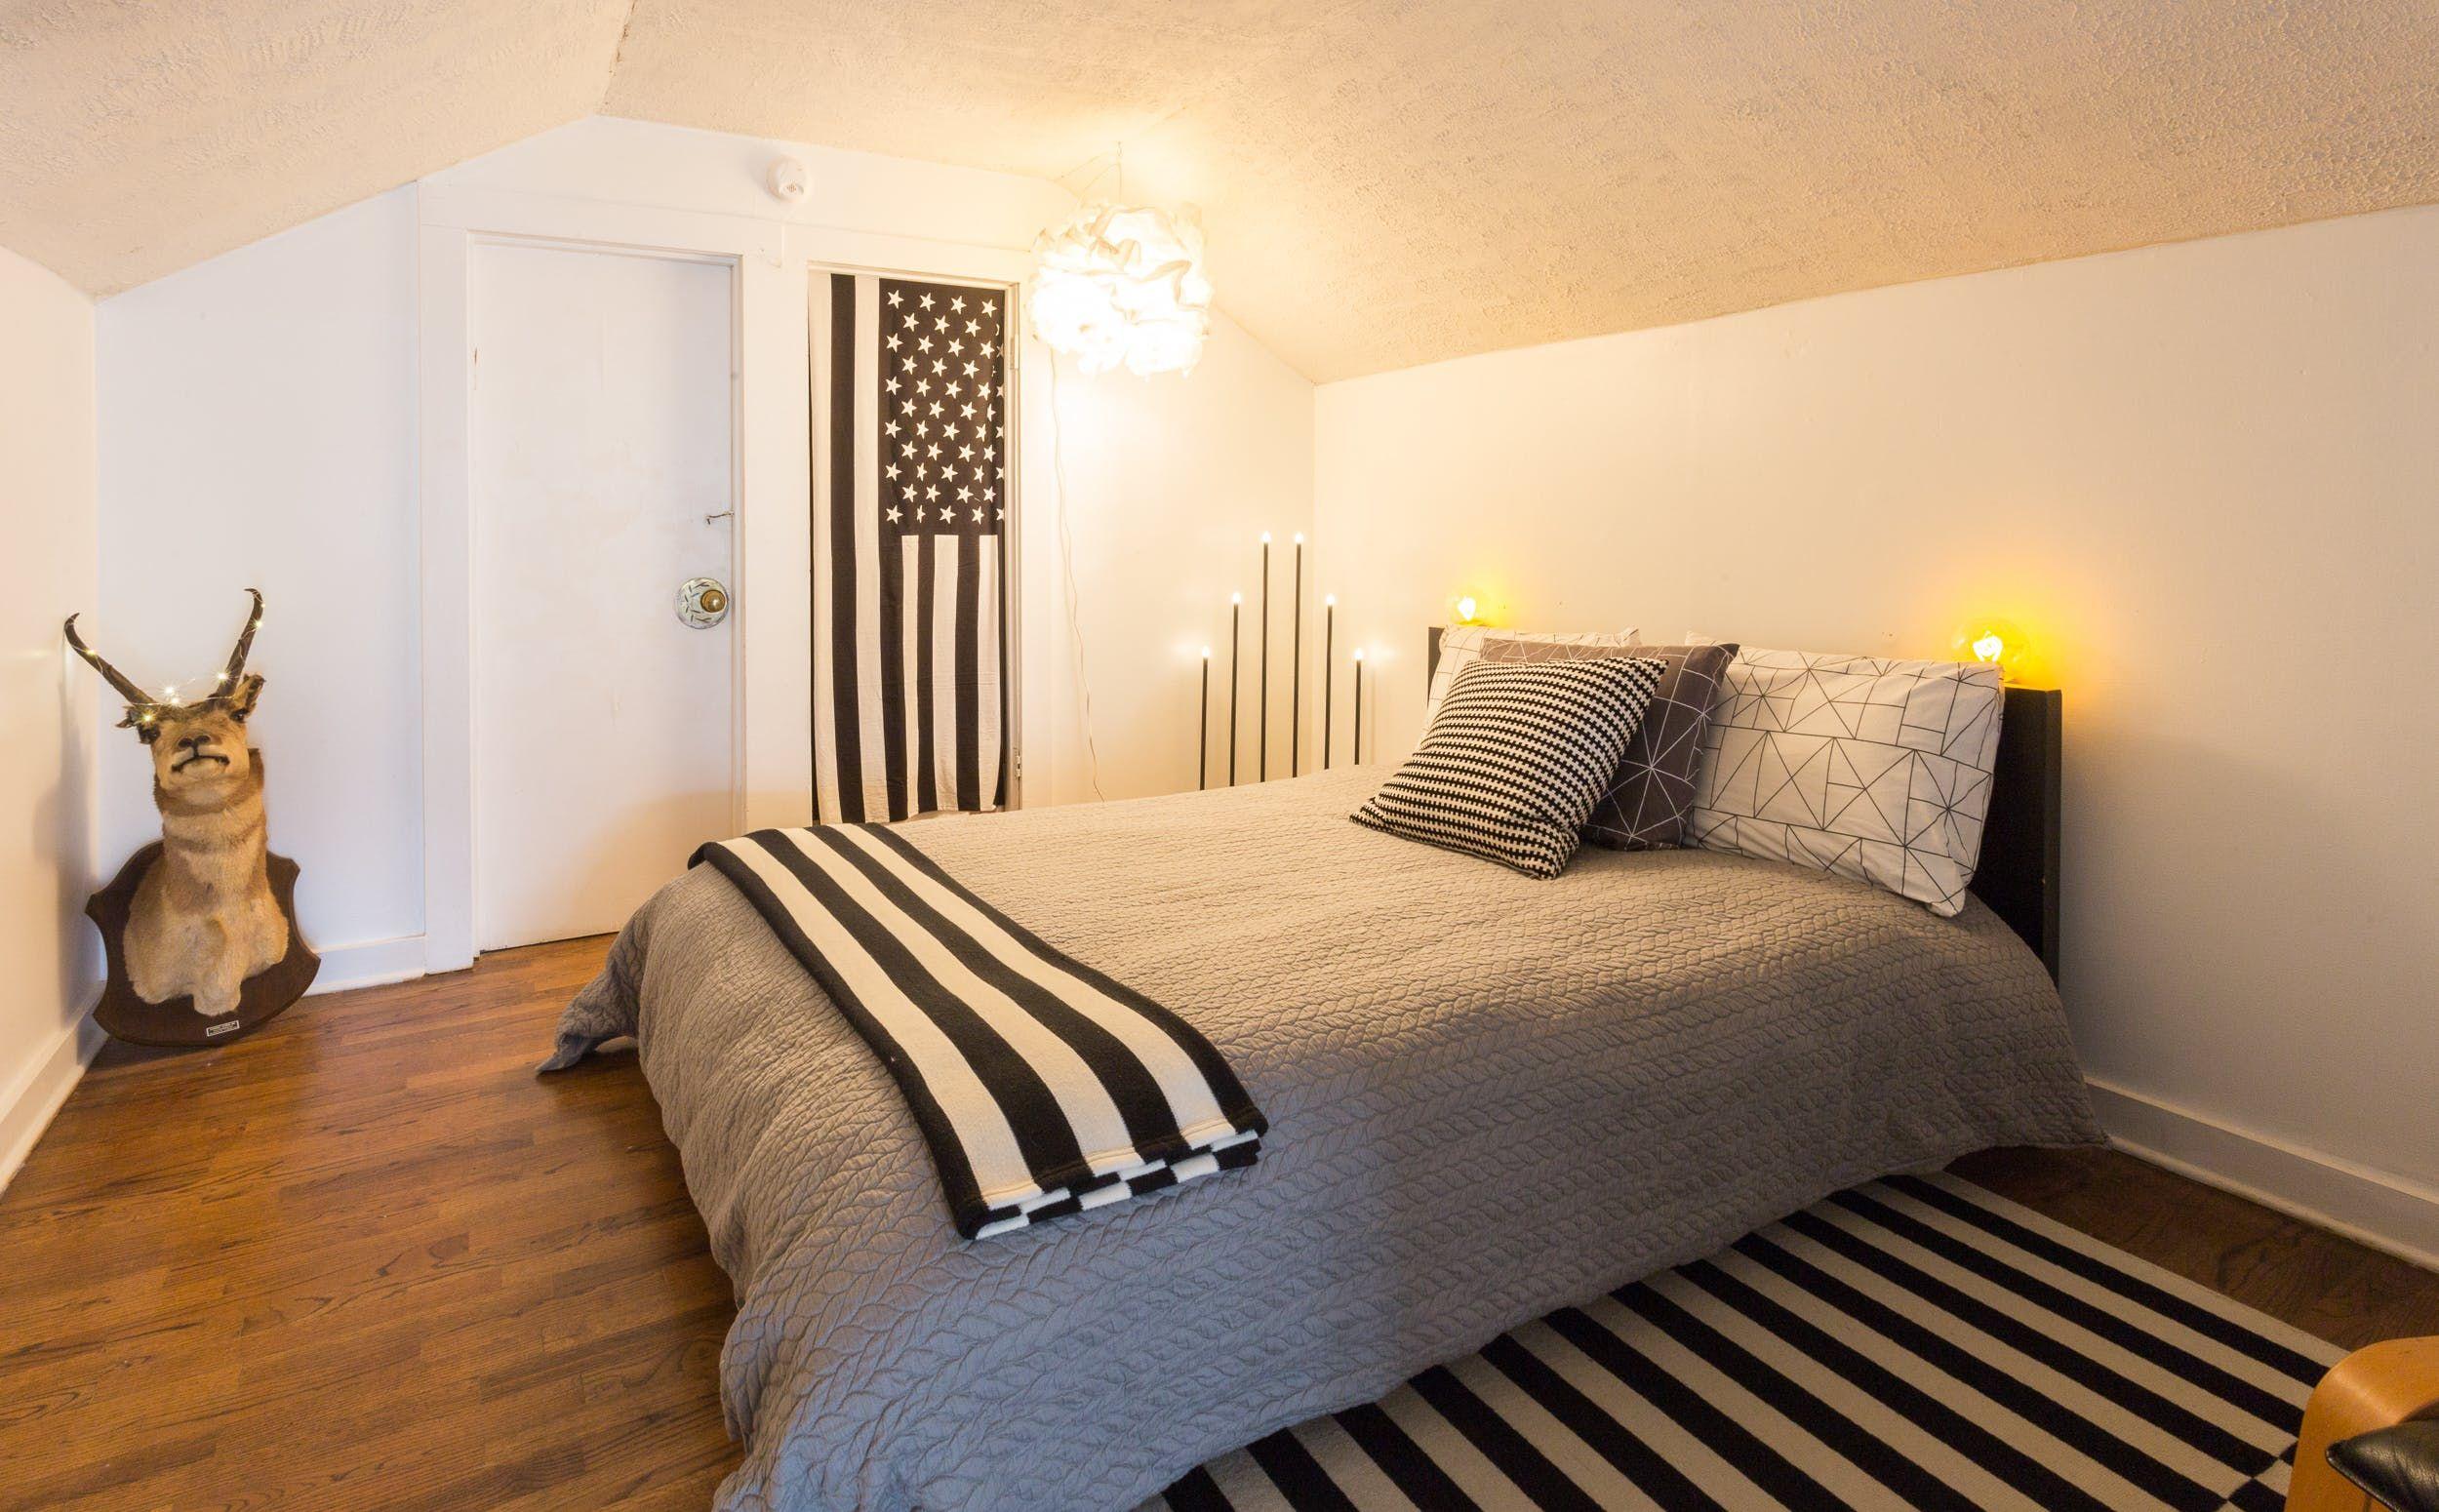 The guest bedroom with unique lighting fixtures